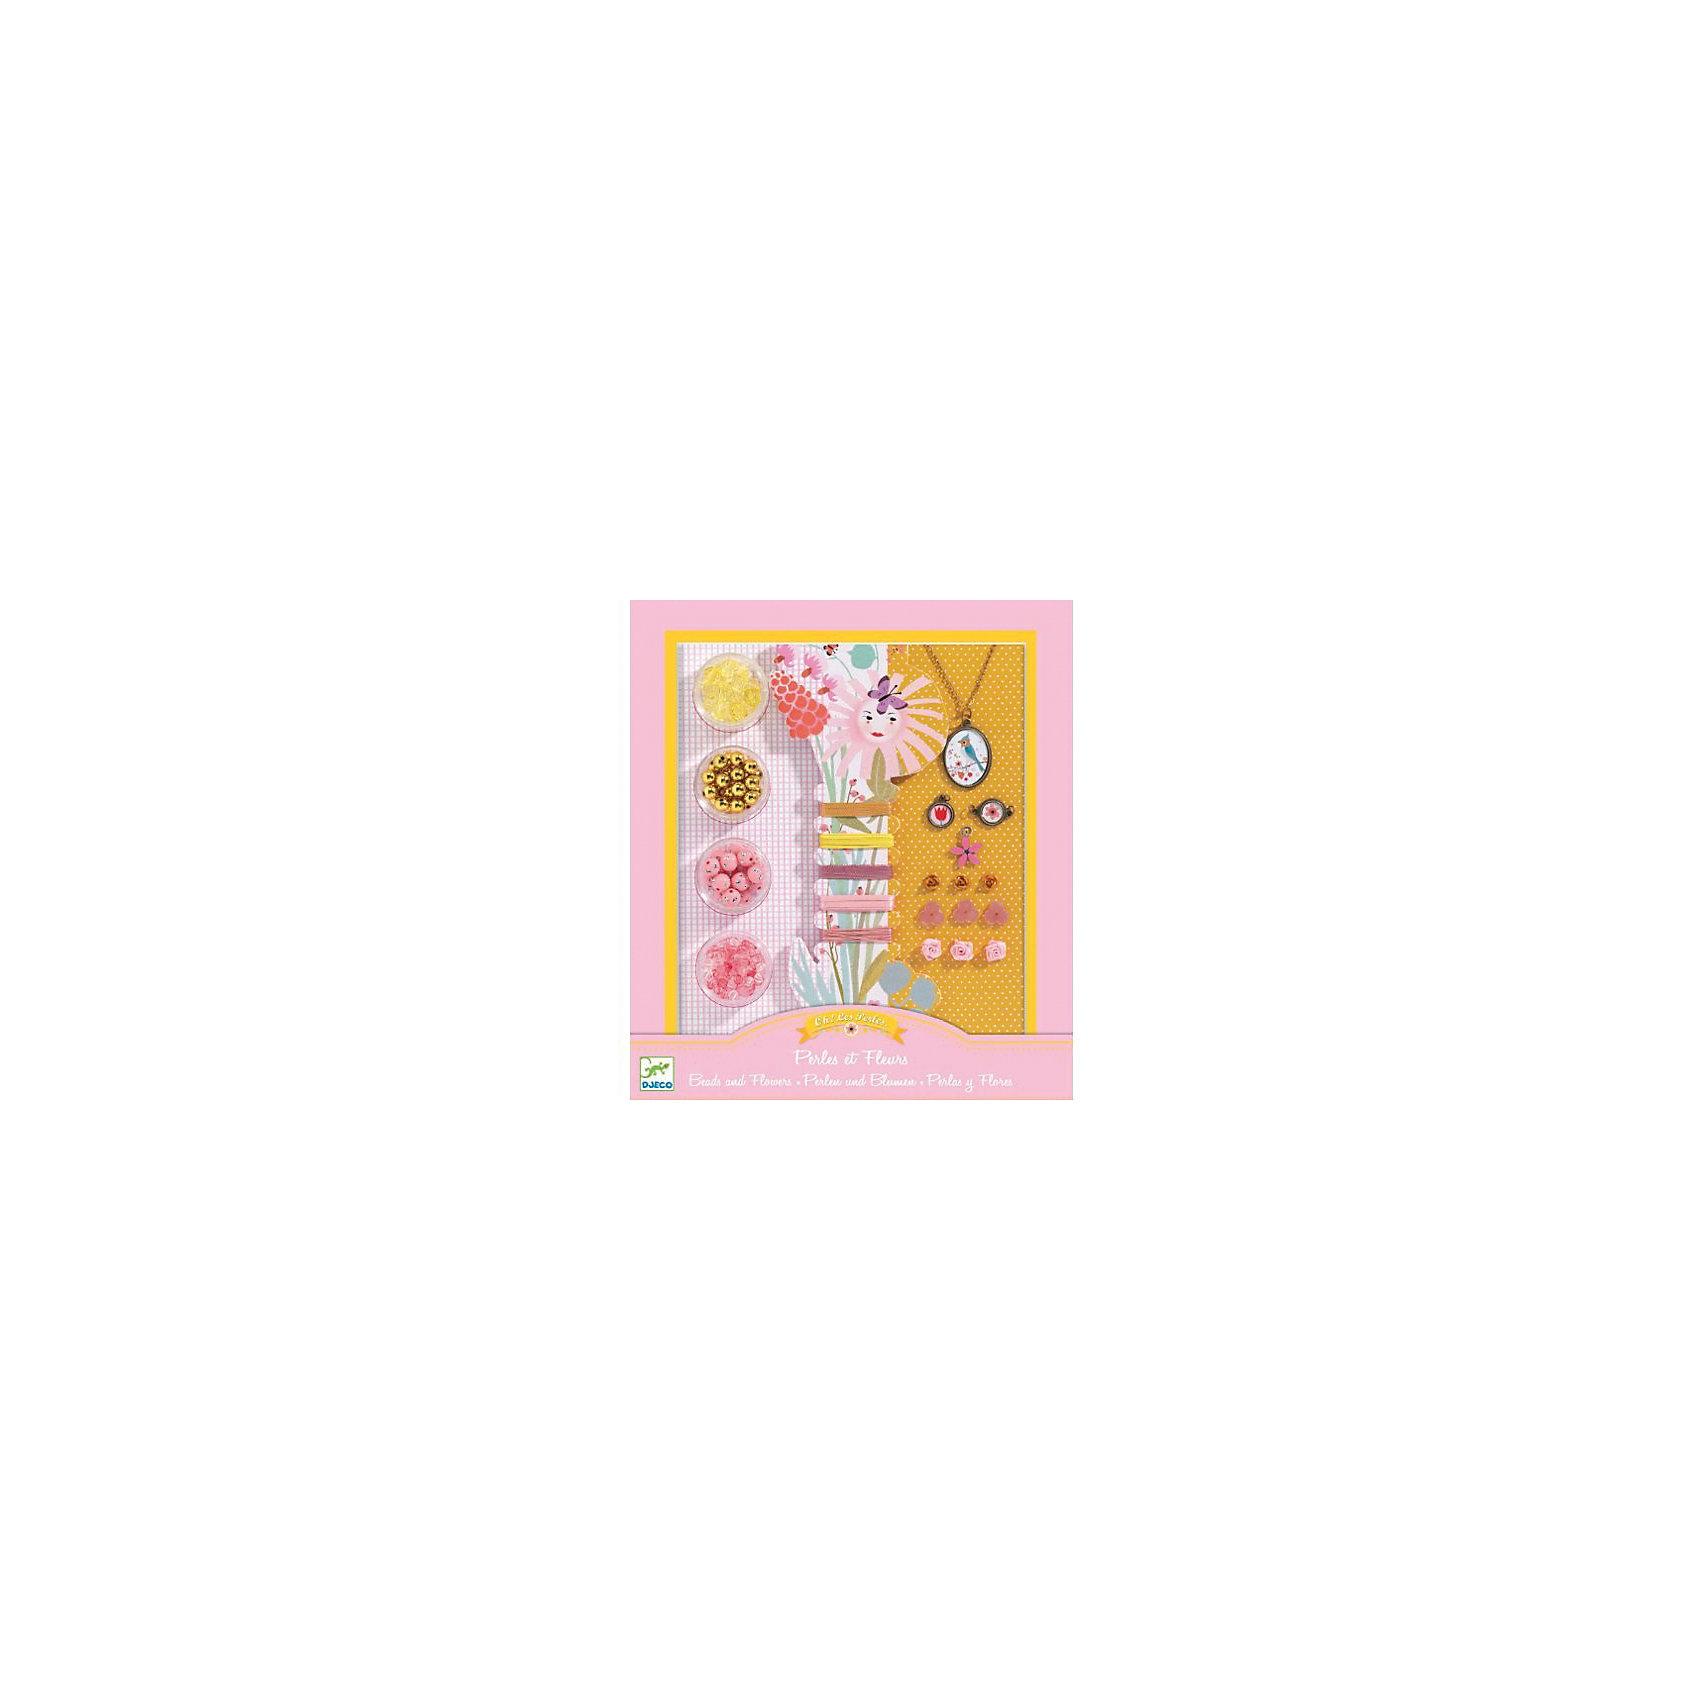 Набор для создания украшений «Цветочки»Набор для создания украшений «Цветочки» - это комплект пластиковых бусинок разного цвета и формы, медальонов, подвесок, ленточек, резиночек.<br>С набором для создания украшений «Цветочки» маленькая модница может создавать разнообразные кулоны, браслеты, фенечки. Это очень увлекательный, захватывающий процесс. В подробной пошаговой инструкции описаны модели украшений с использованием различных материалов, методы бисероплетения, плетение ленточек и веревочек. Кроме того, наличие в наборе красочных медальонов, цветочков из пластика и текстиля придают готовым работам шарм и очарование. Созданные своими руками эксклюзивные украшения девочка может носить сама или подарить своей подружке. Набор для создания украшений «Цветочки» помогает развивать у ребенка мелкую моторику, мышление, аккуратность, усидчивость, фантазию.<br><br>Дополнительная информация:<br><br>- В наборе: 4 баночки с разноцветными бусинами, катушка с разноцветными резинками и лентами, медальон с цепочкой, пластиковые цветочки 6 шт., розочки из ленточки 3 шт., медальоны 3 шт., инструкция<br>- Размер упаковки: 24 х 21 х 3 см.<br>- Вес: 330 гр.<br><br>Набор для создания украшений «Цветочки» можно купить в нашем интернет-магазине.<br><br>Ширина мм: 240<br>Глубина мм: 210<br>Высота мм: 30<br>Вес г: 330<br>Возраст от месяцев: 96<br>Возраст до месяцев: 156<br>Пол: Женский<br>Возраст: Детский<br>SKU: 4305768